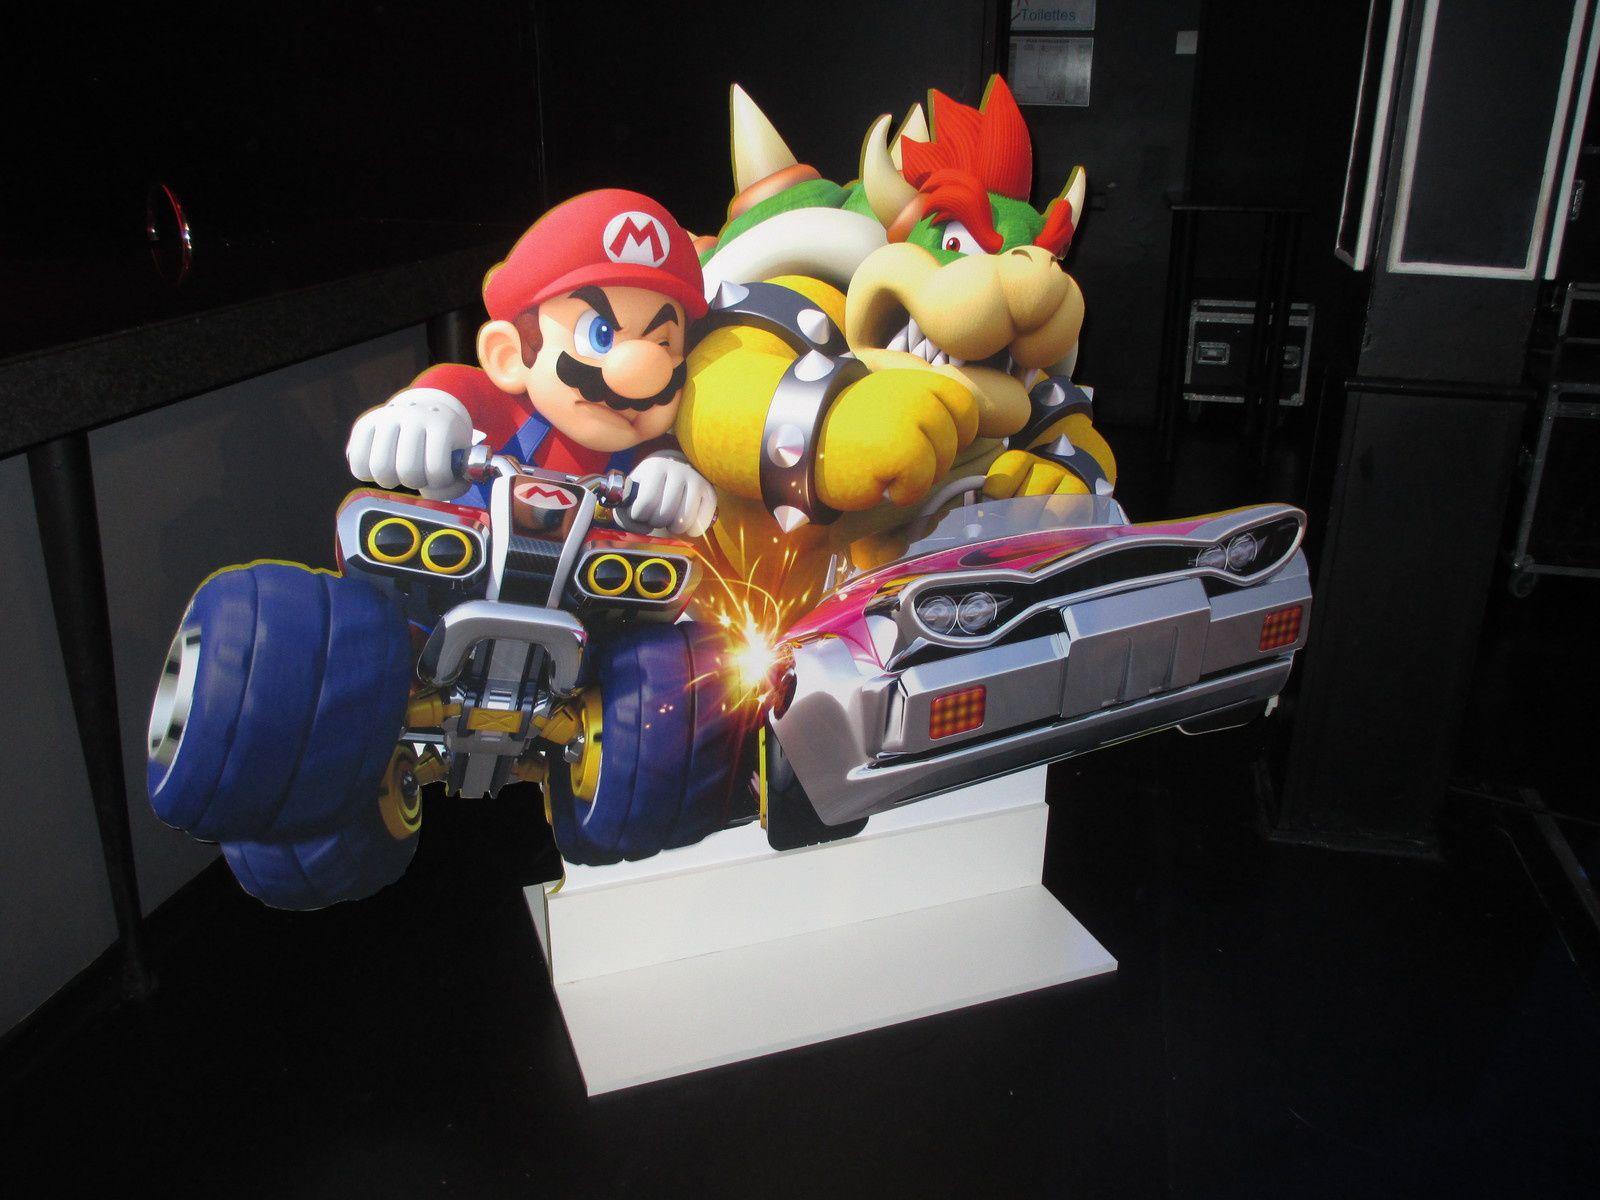 [COMPTE-RENDU] Avant-Première Mario Kart 8